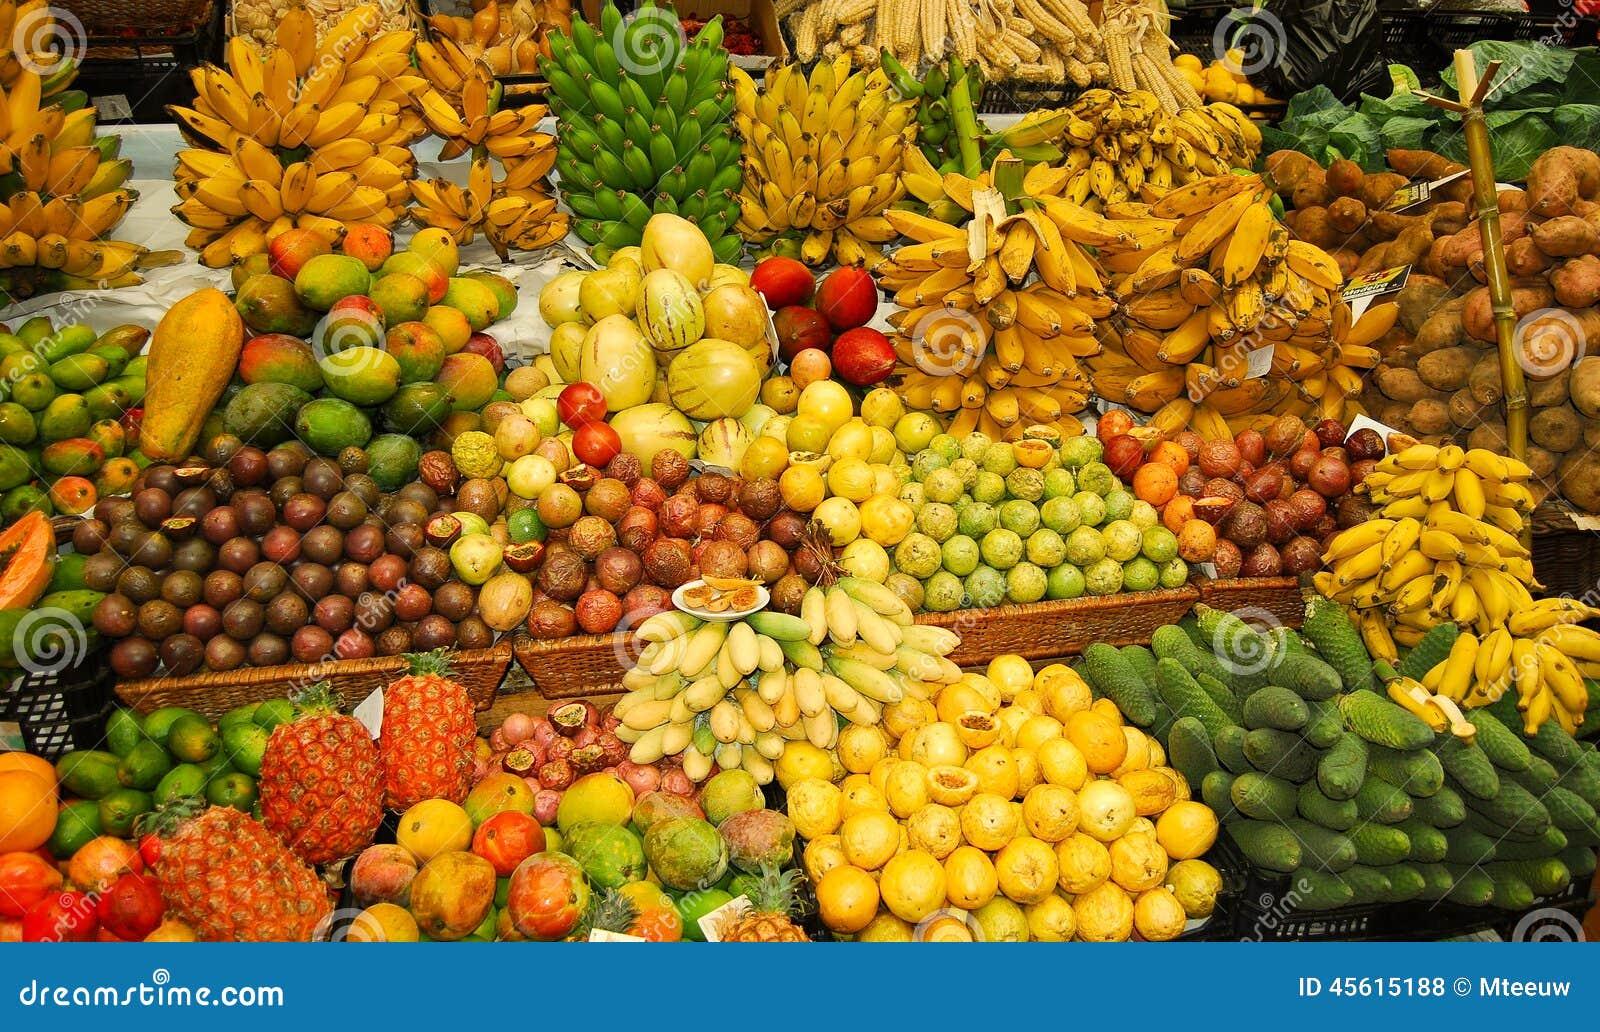 热带的水果摊